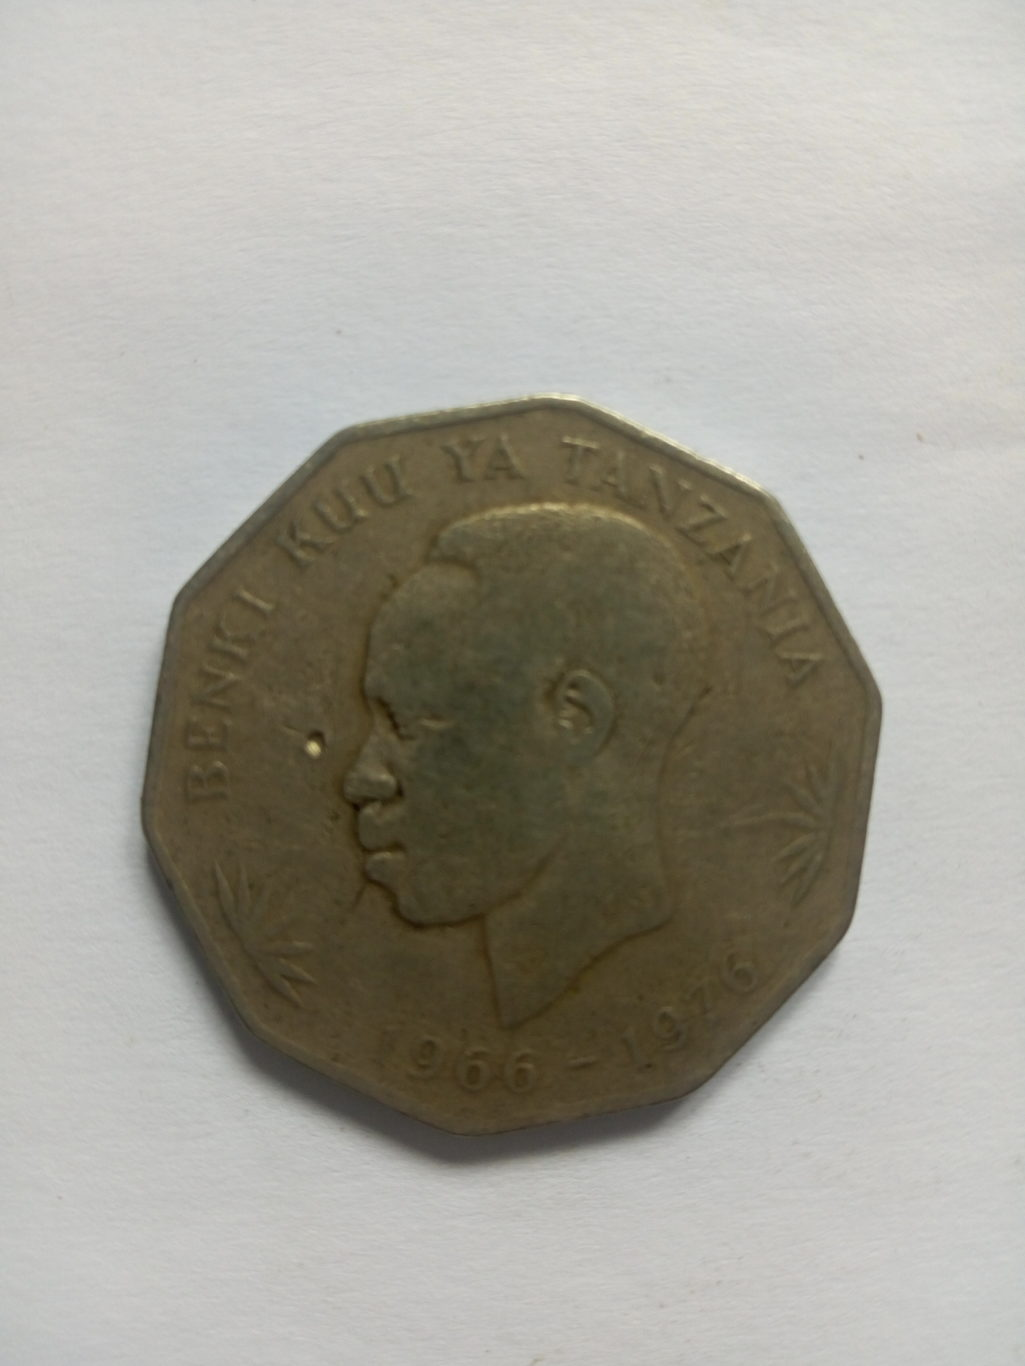 1966_1976_banki kuu ya Tanzania shilingi 5